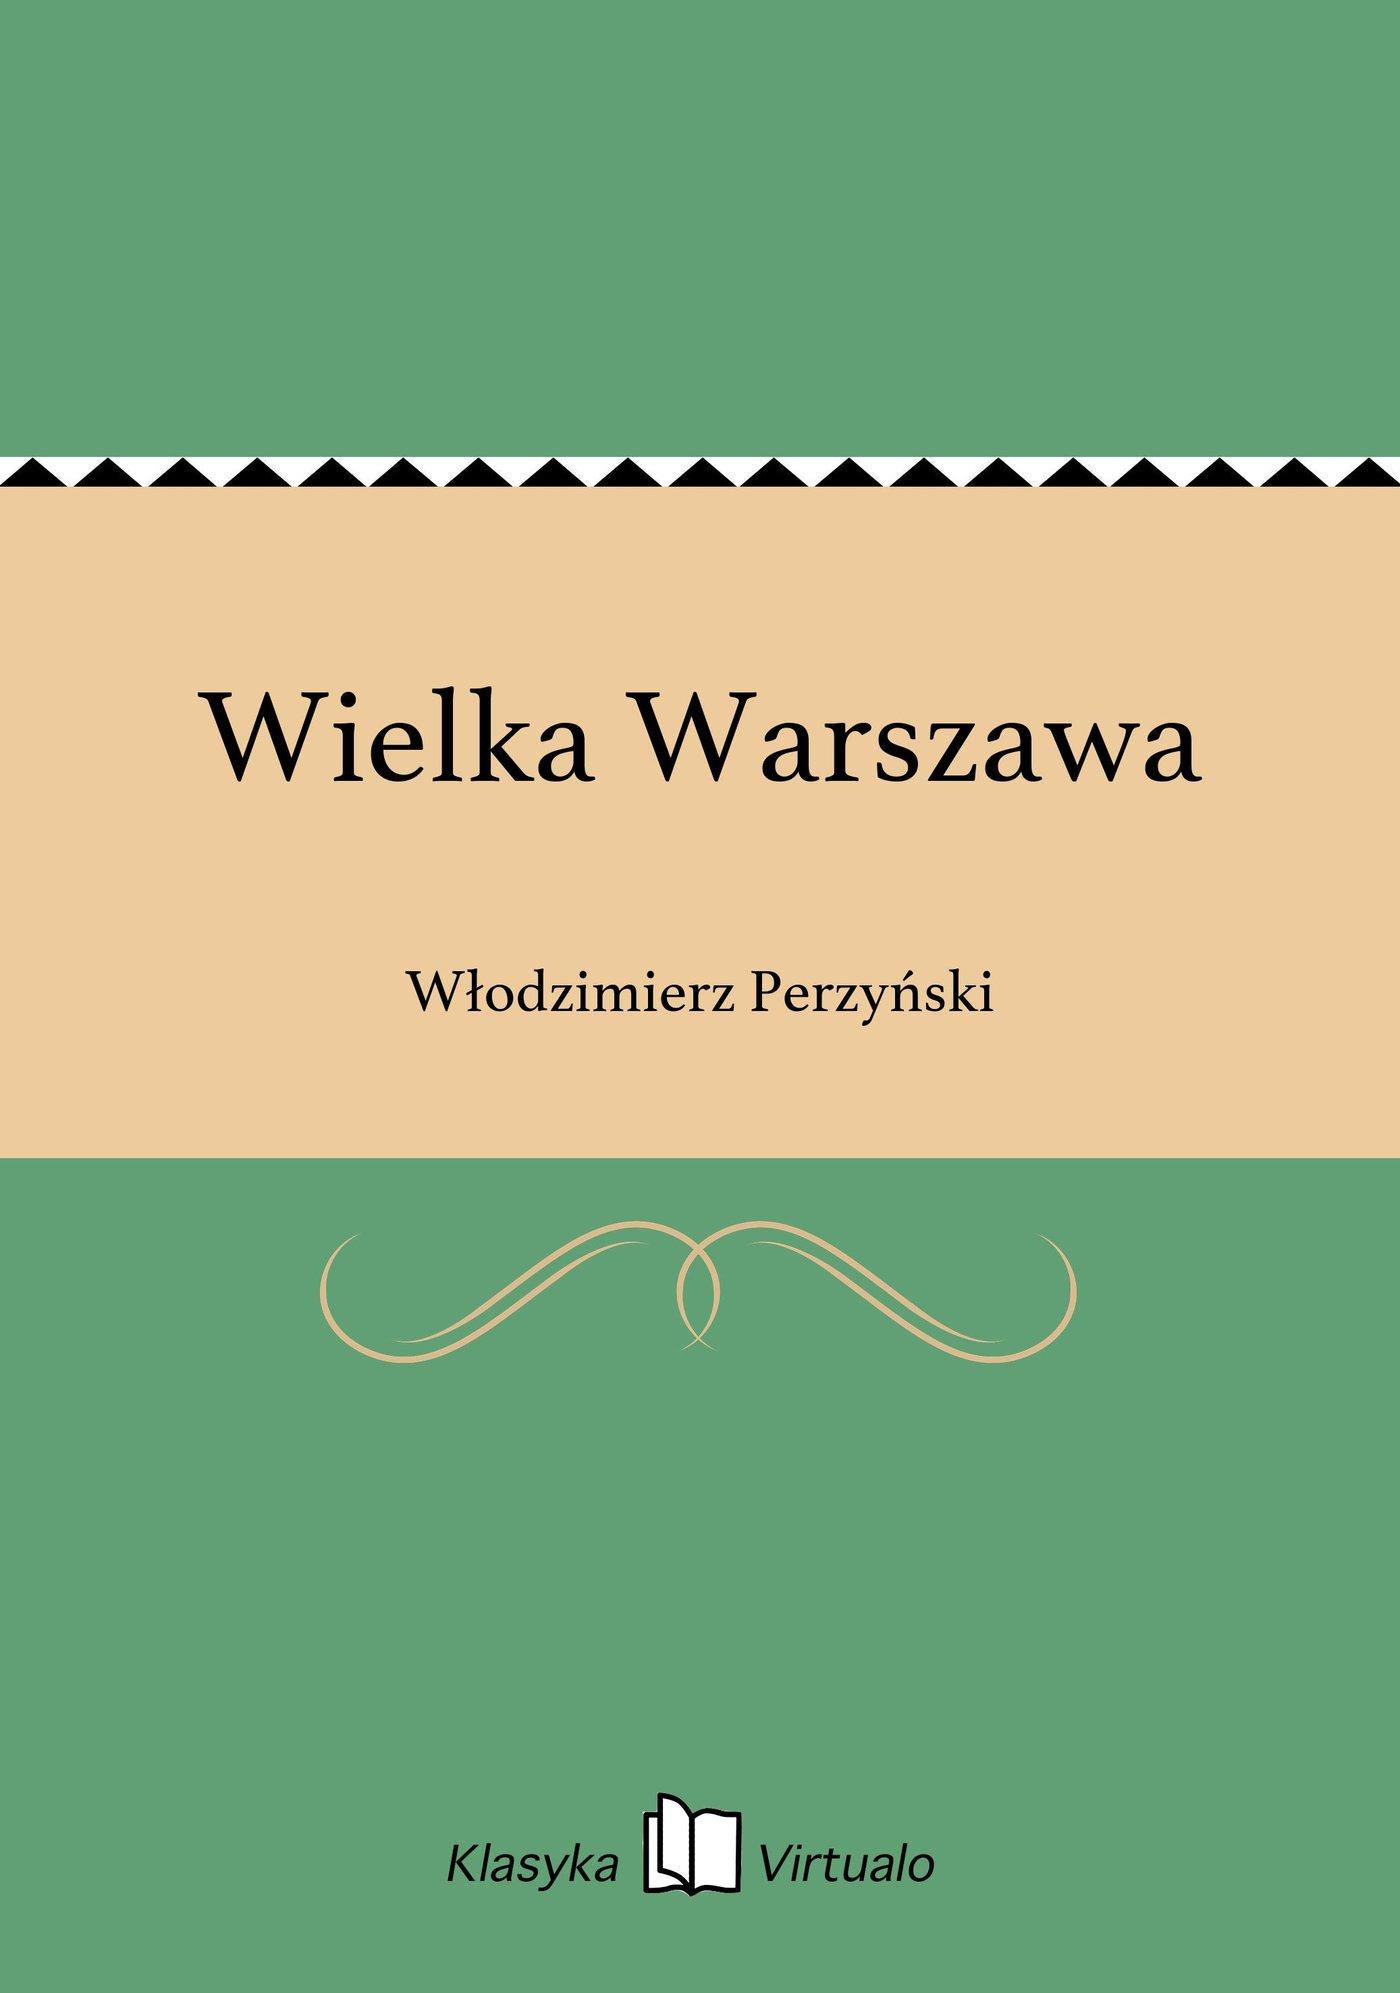 Wielka Warszawa - Ebook (Książka EPUB) do pobrania w formacie EPUB